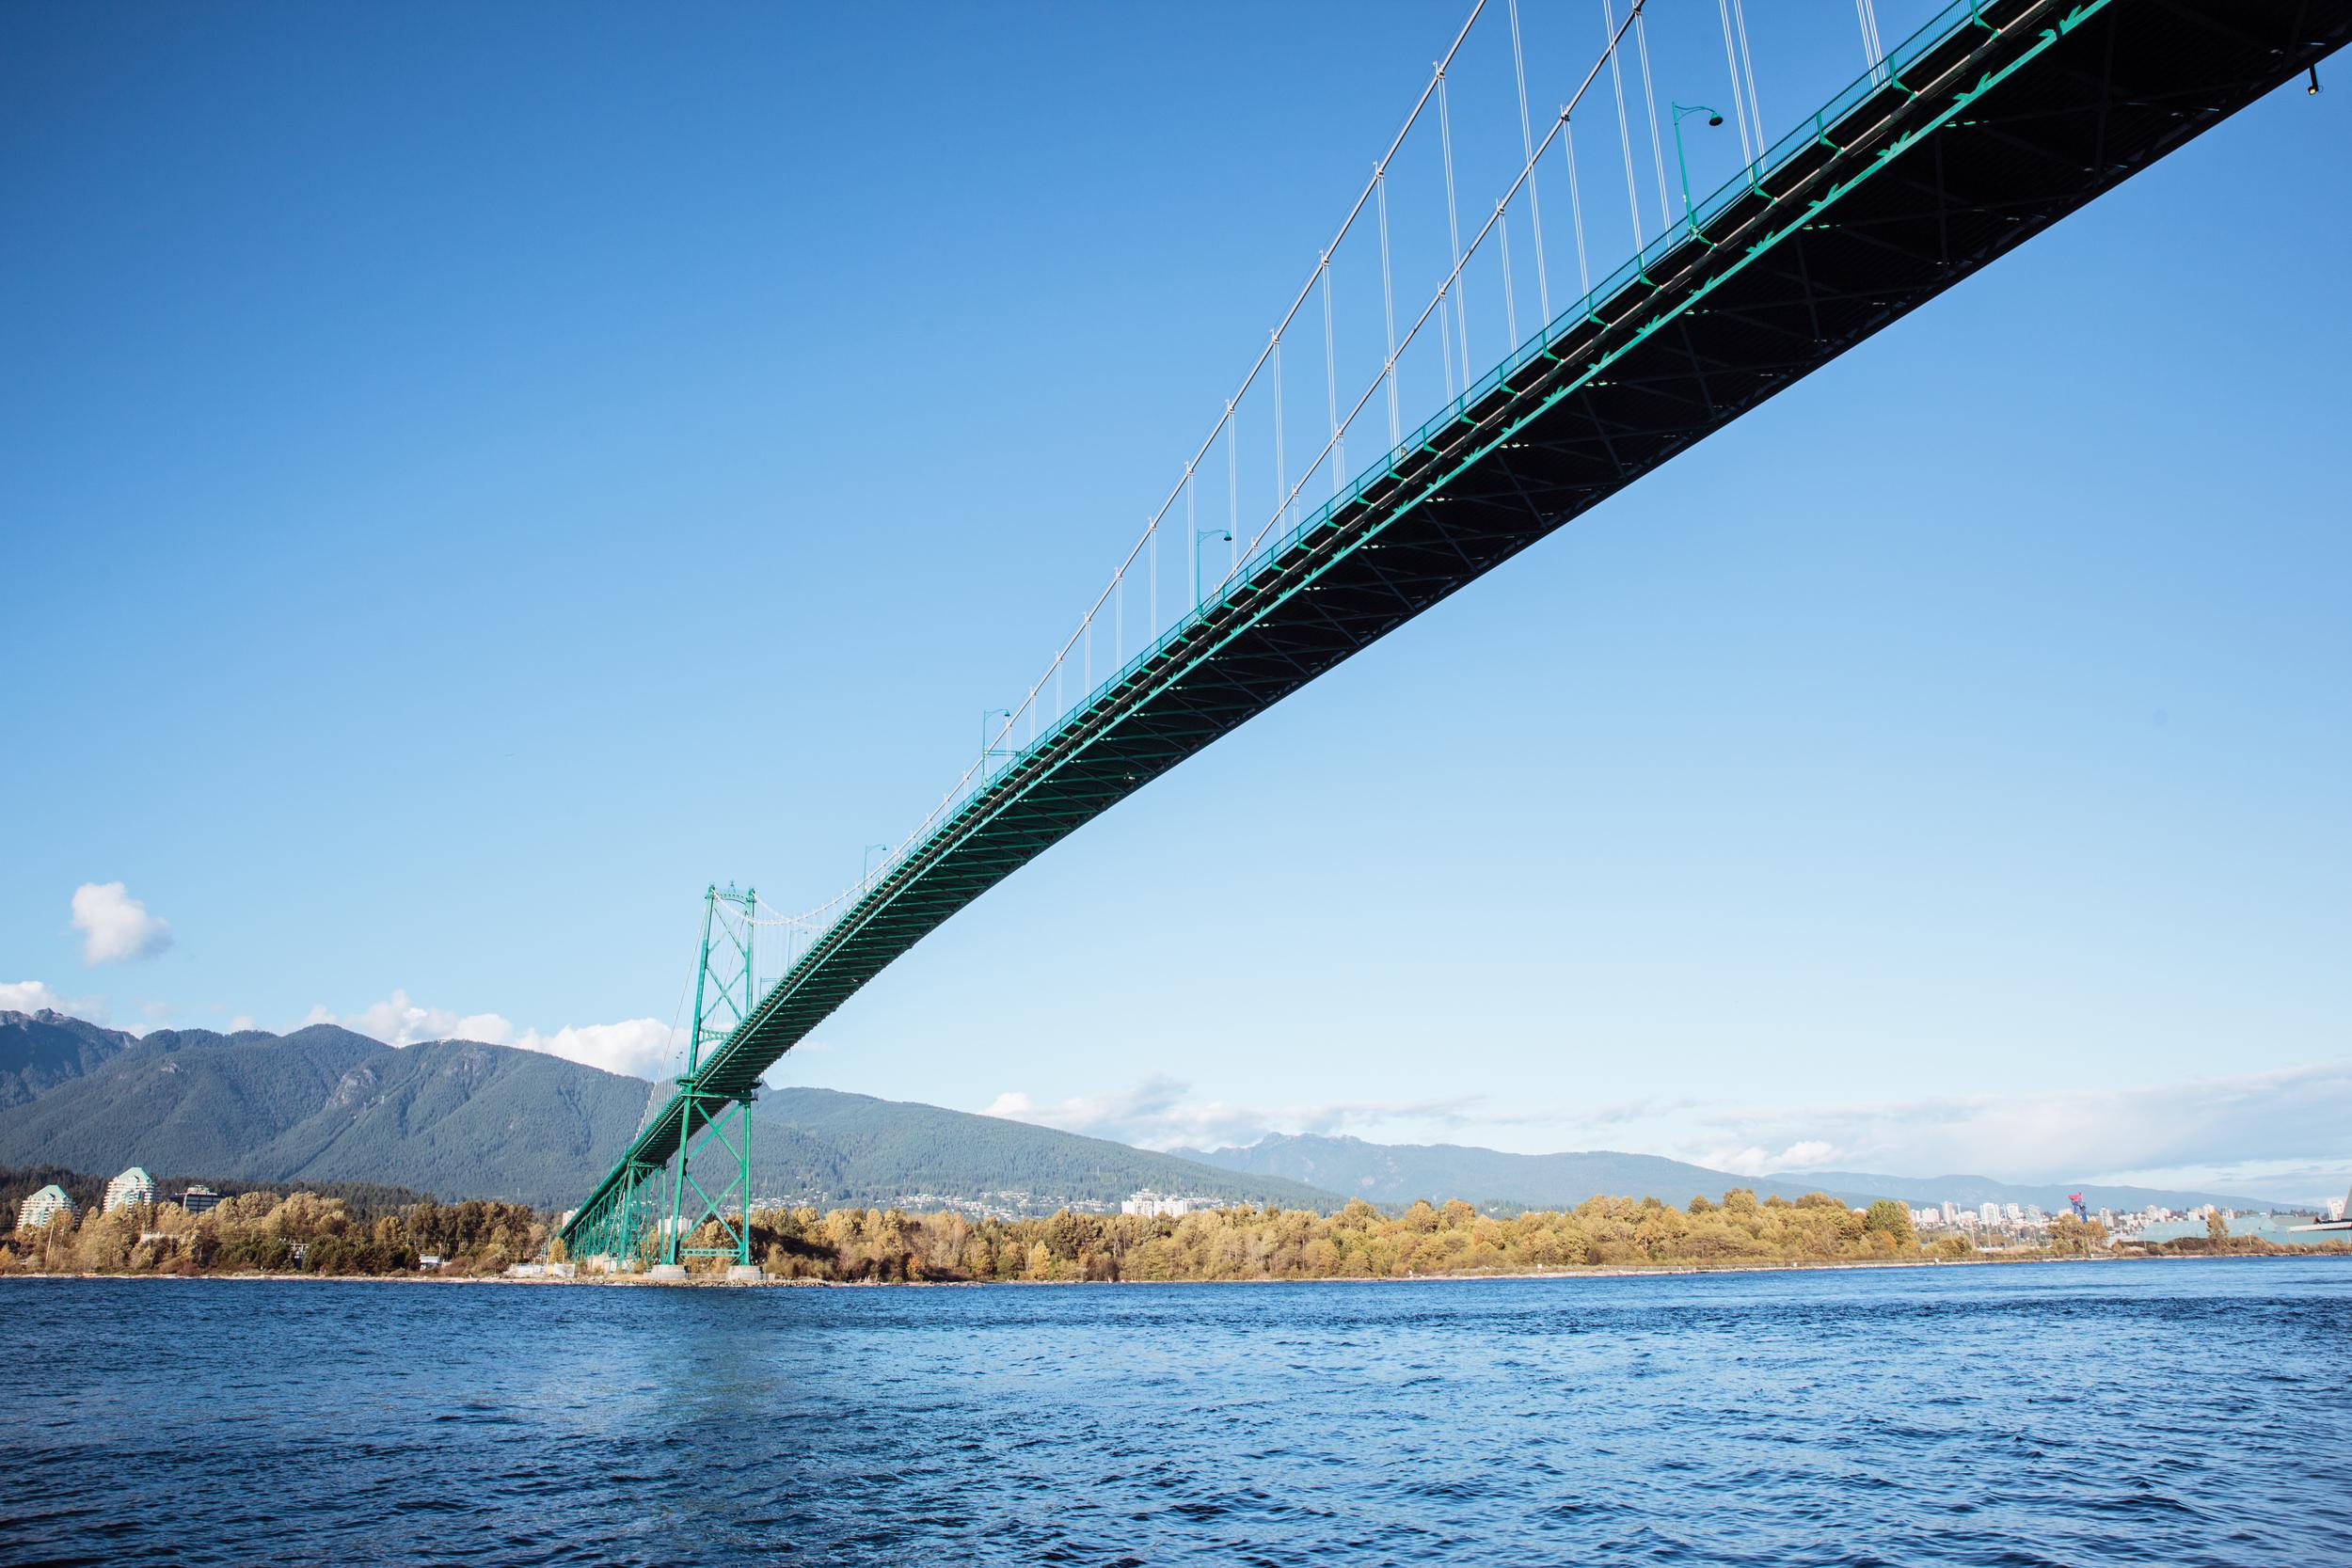 Aan de voet van Lions Gate Bridge. Als je Vancouver gaat ontdekken, moet je deze brug gezien hebben. Impressionant.